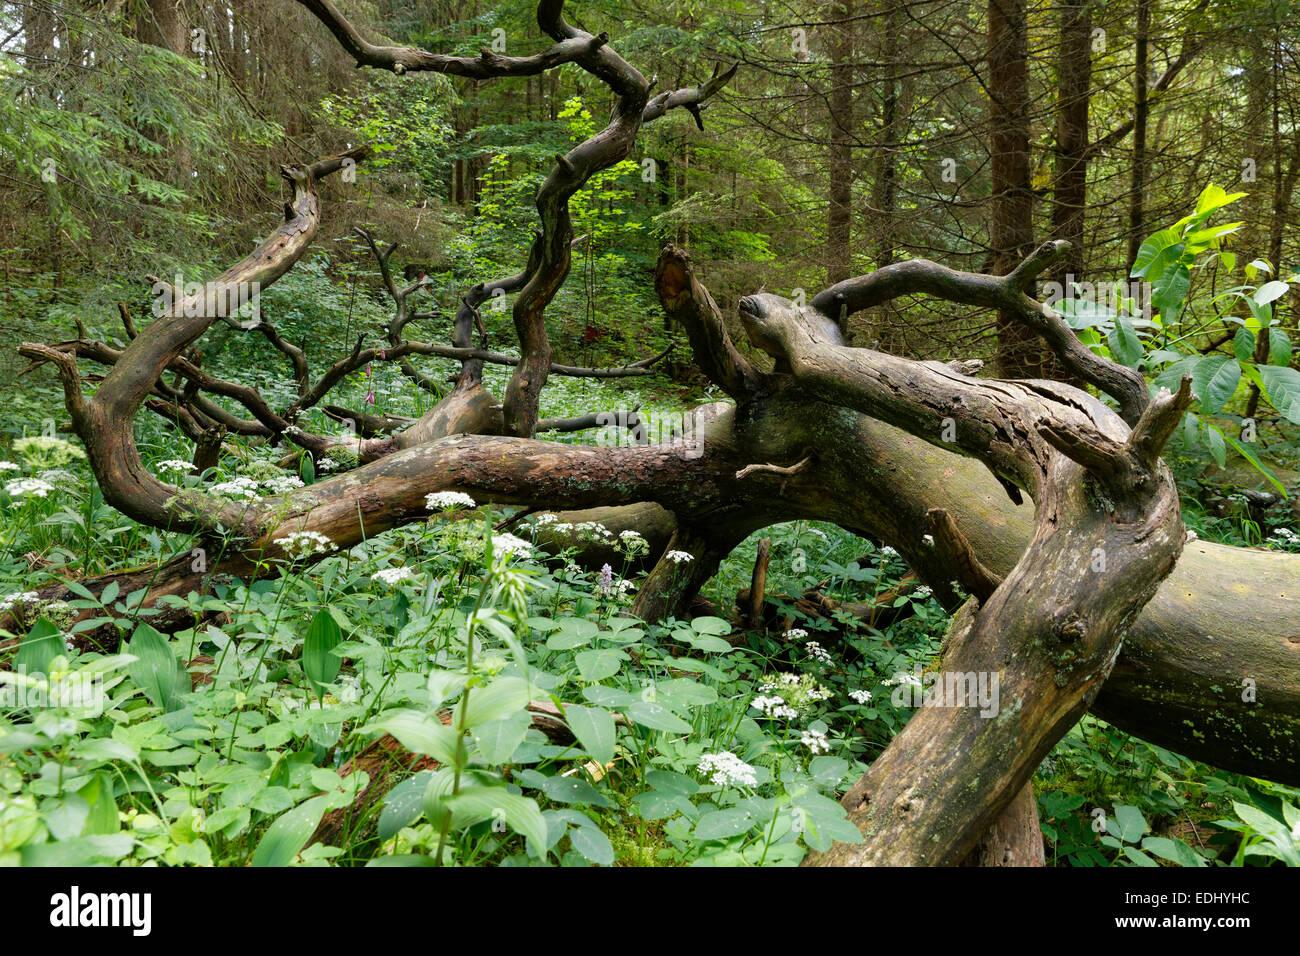 Dead wood in lowland forest, Pupplinger Au, Geretsried, Upper Bavaria, Bavaria, Germany - Stock Image